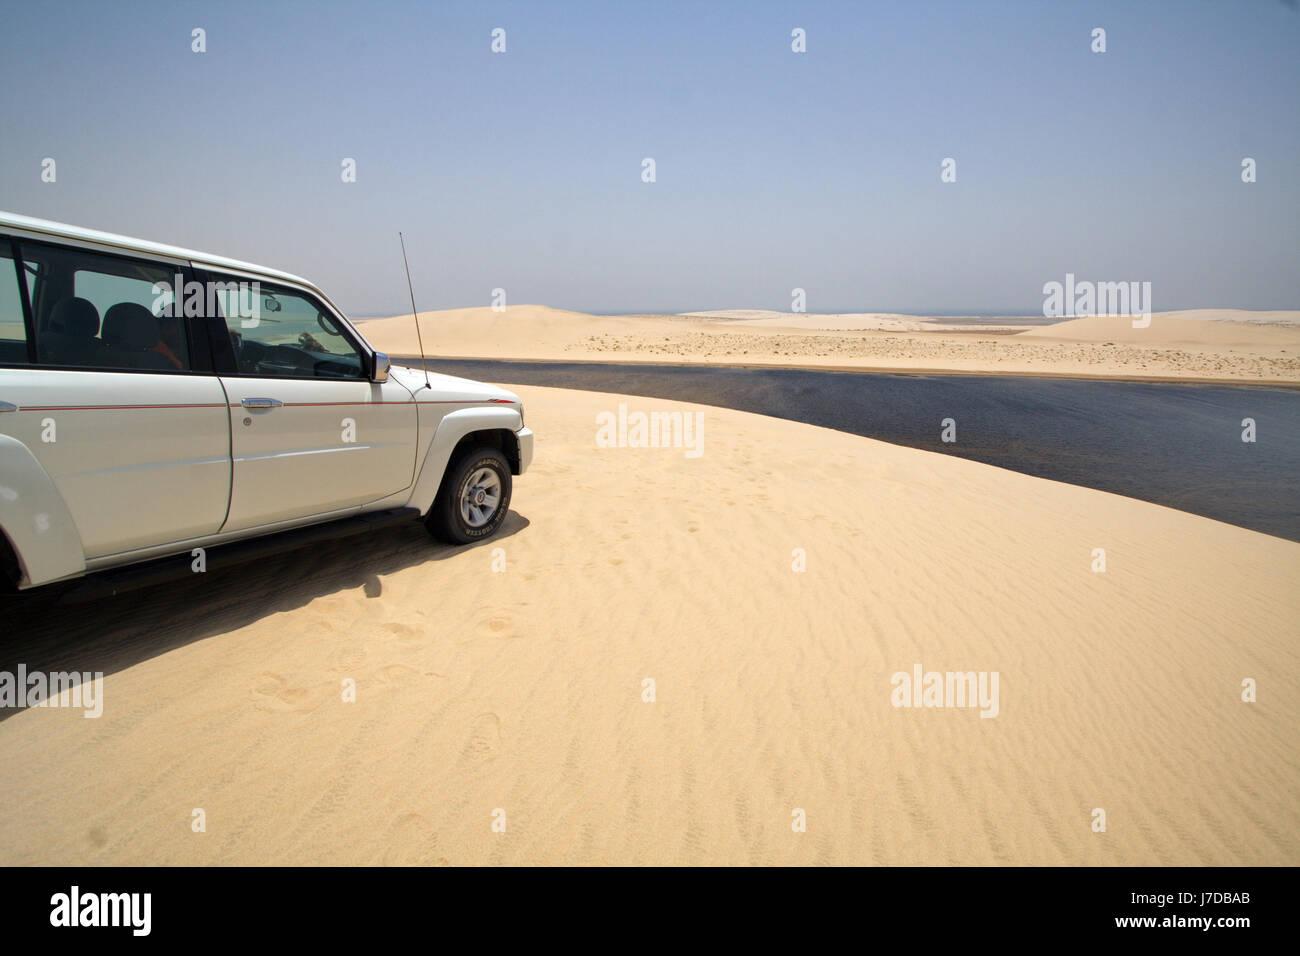 Khor Al Udaid (Inland Sea), Qatar - Stock Image